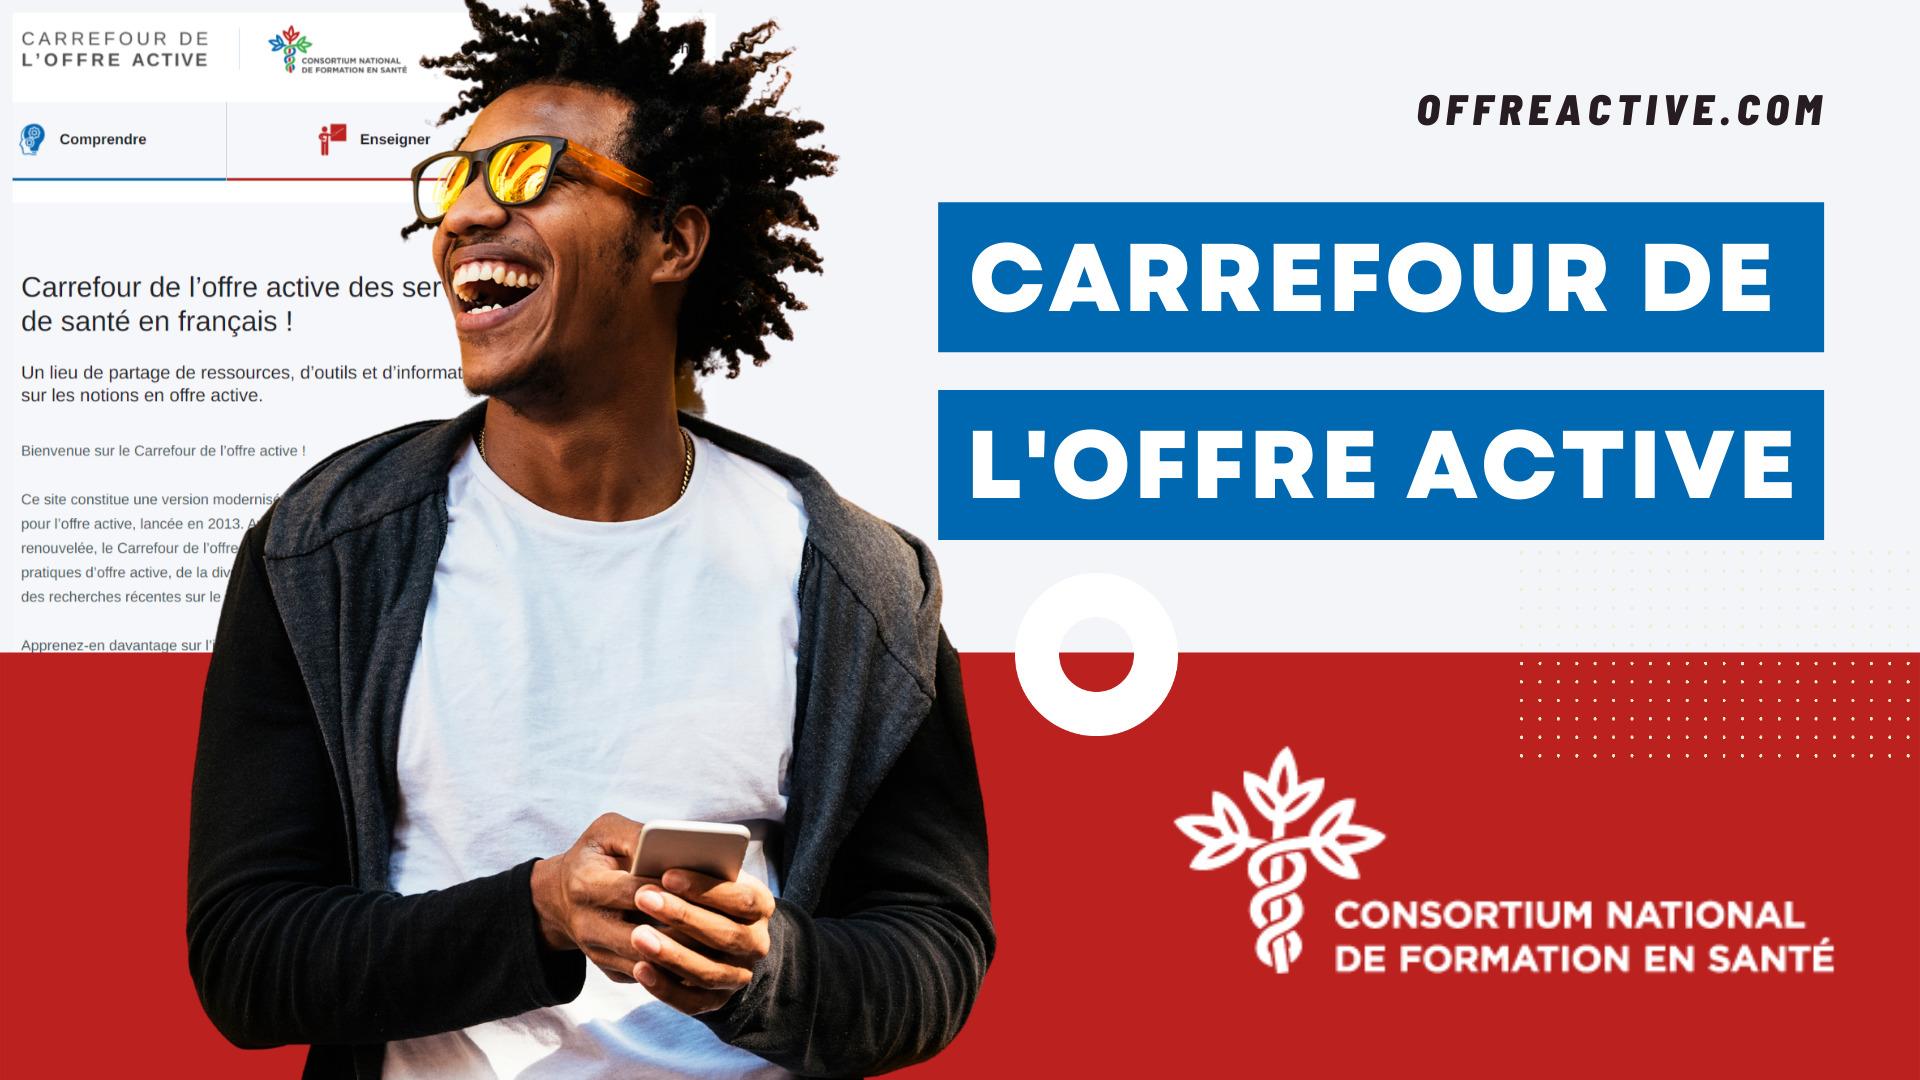 Le Carrefour de l'offre active est maintenant disponible!